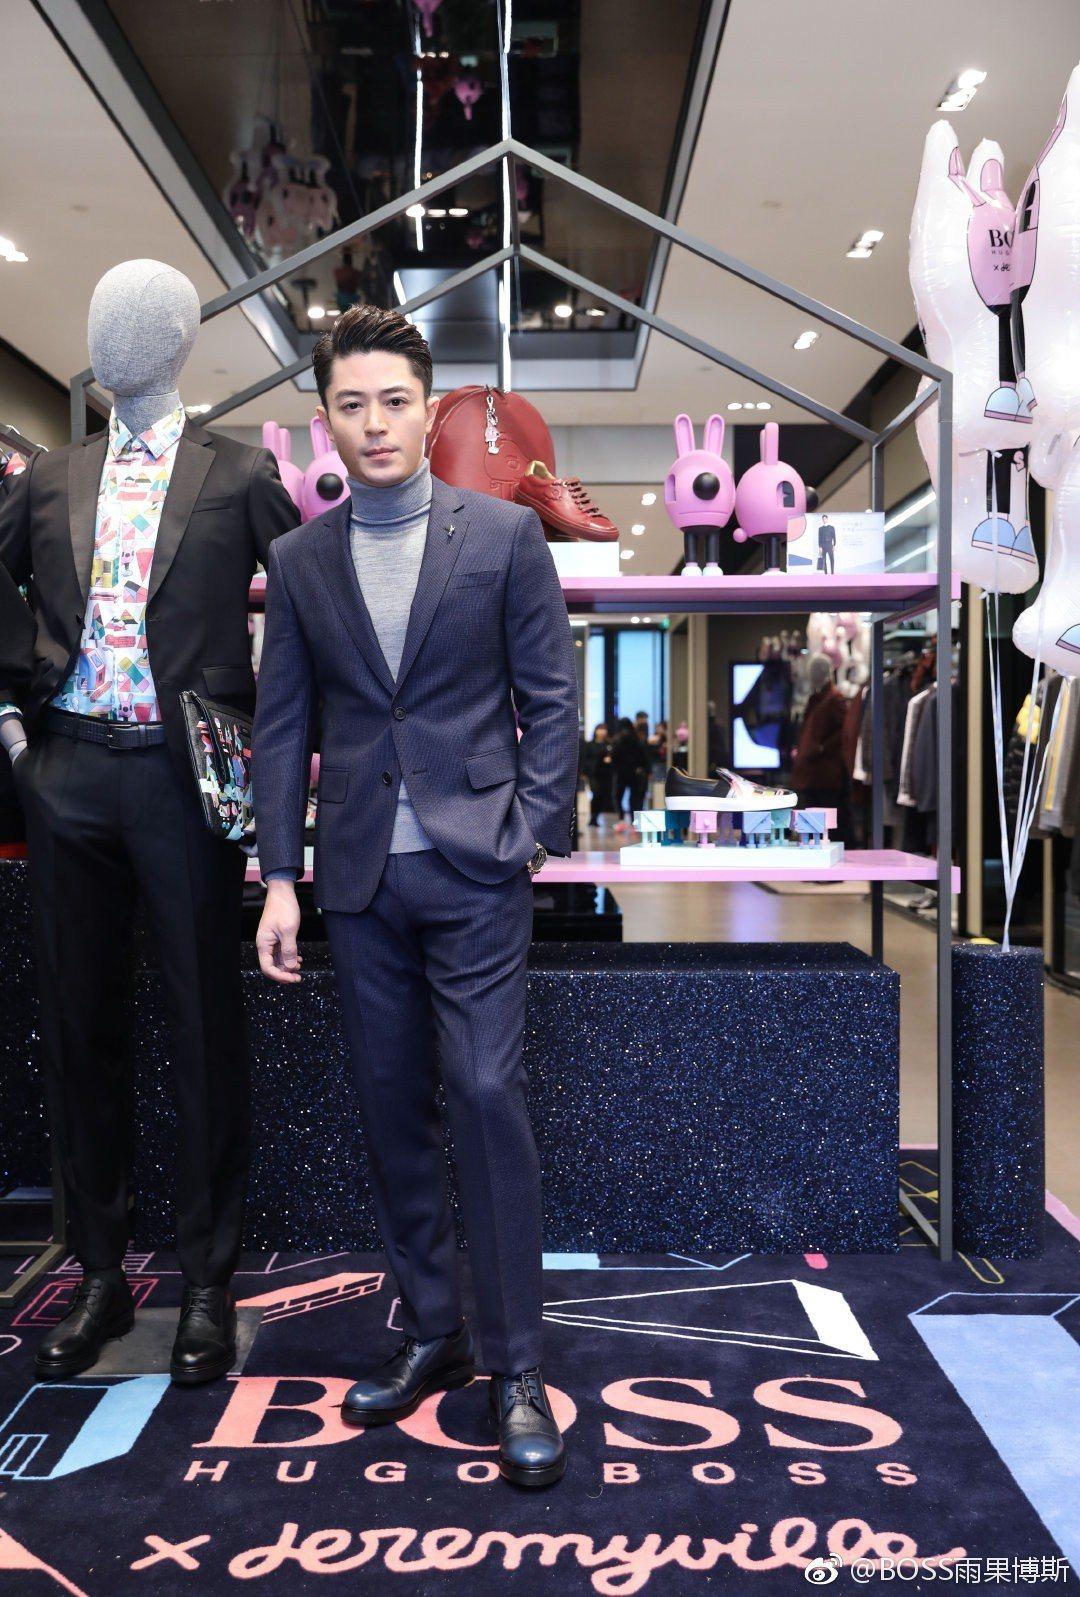 霍建華帥搭BOSS西裝造型,現身力挺品牌活動。圖/摘自微博